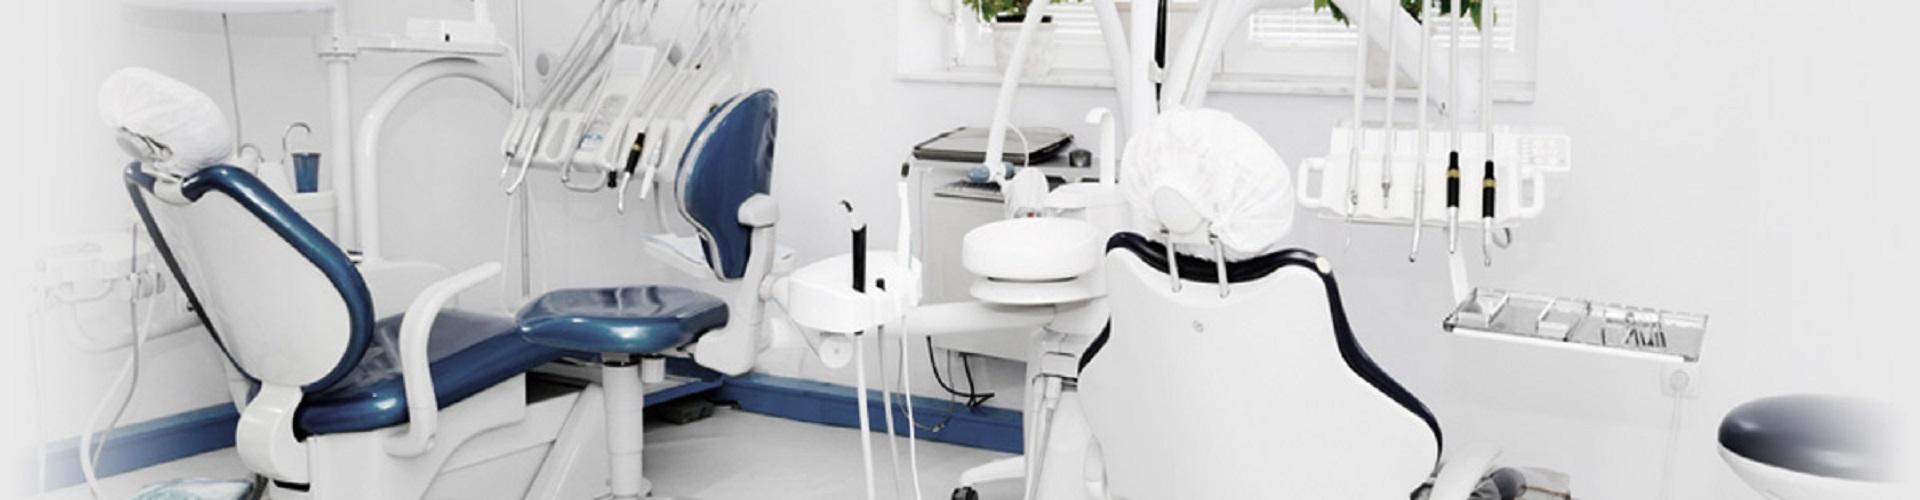 Fj dental cover